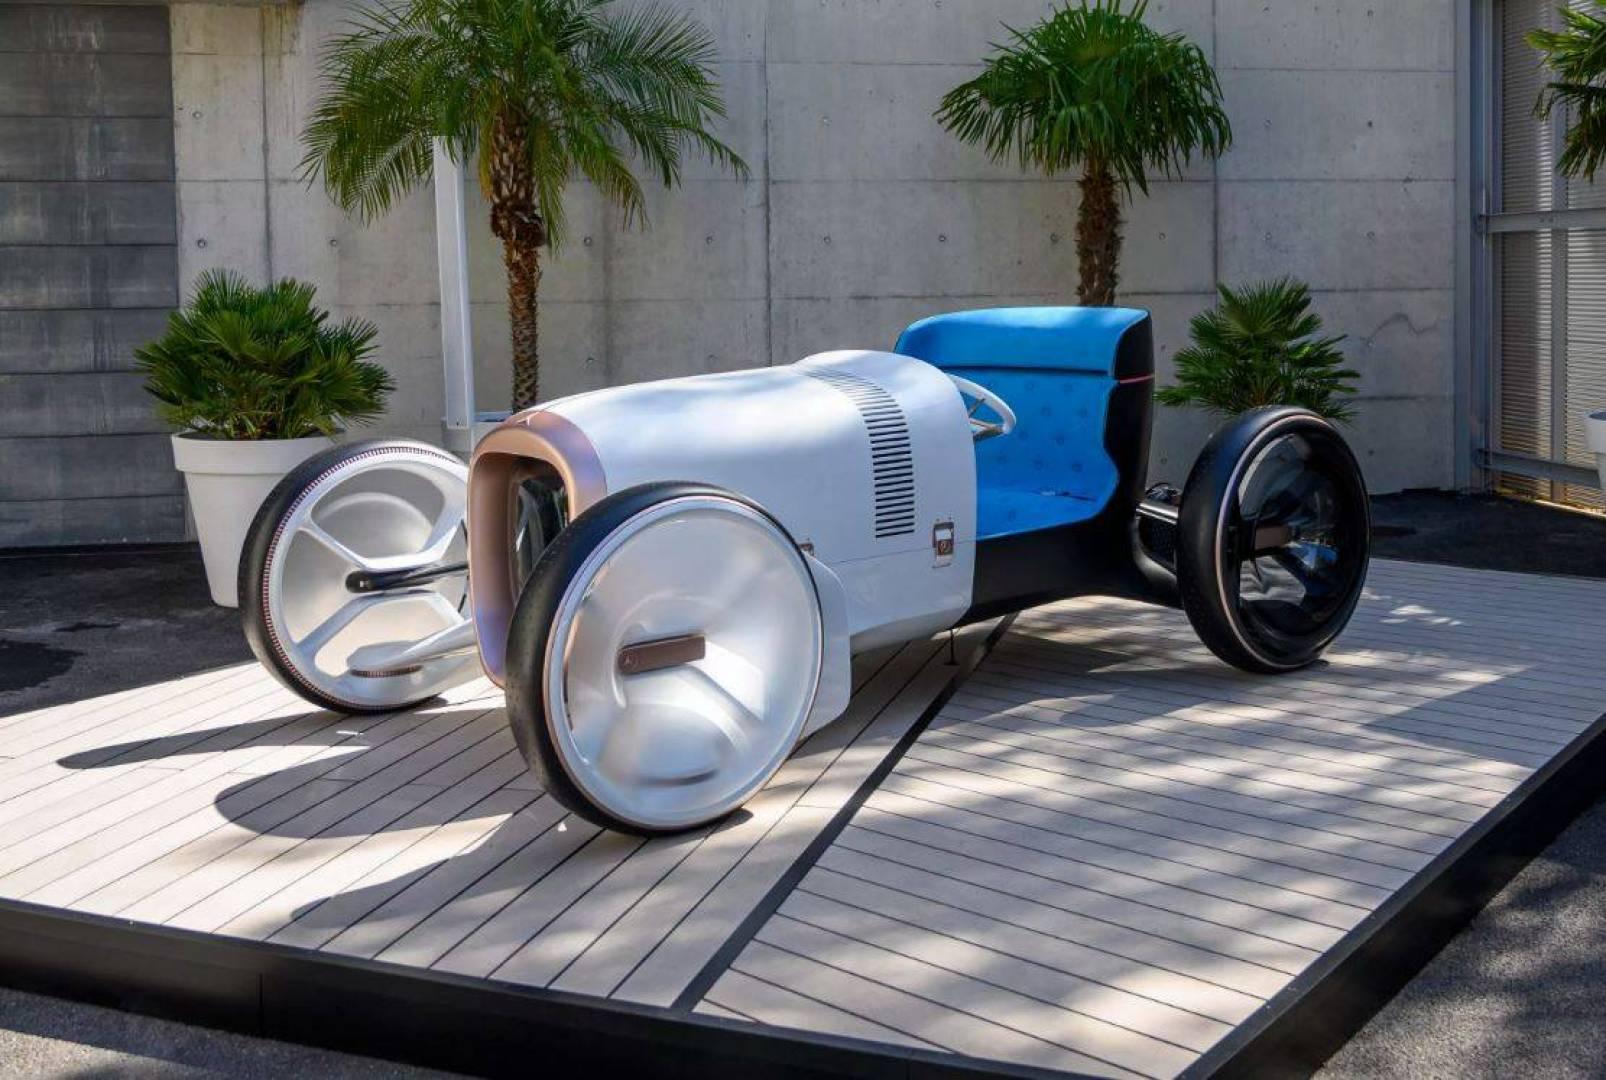 «سيمبلكس».. تصميم جديد مبتكر لسيارة «مرسيدس بنز»